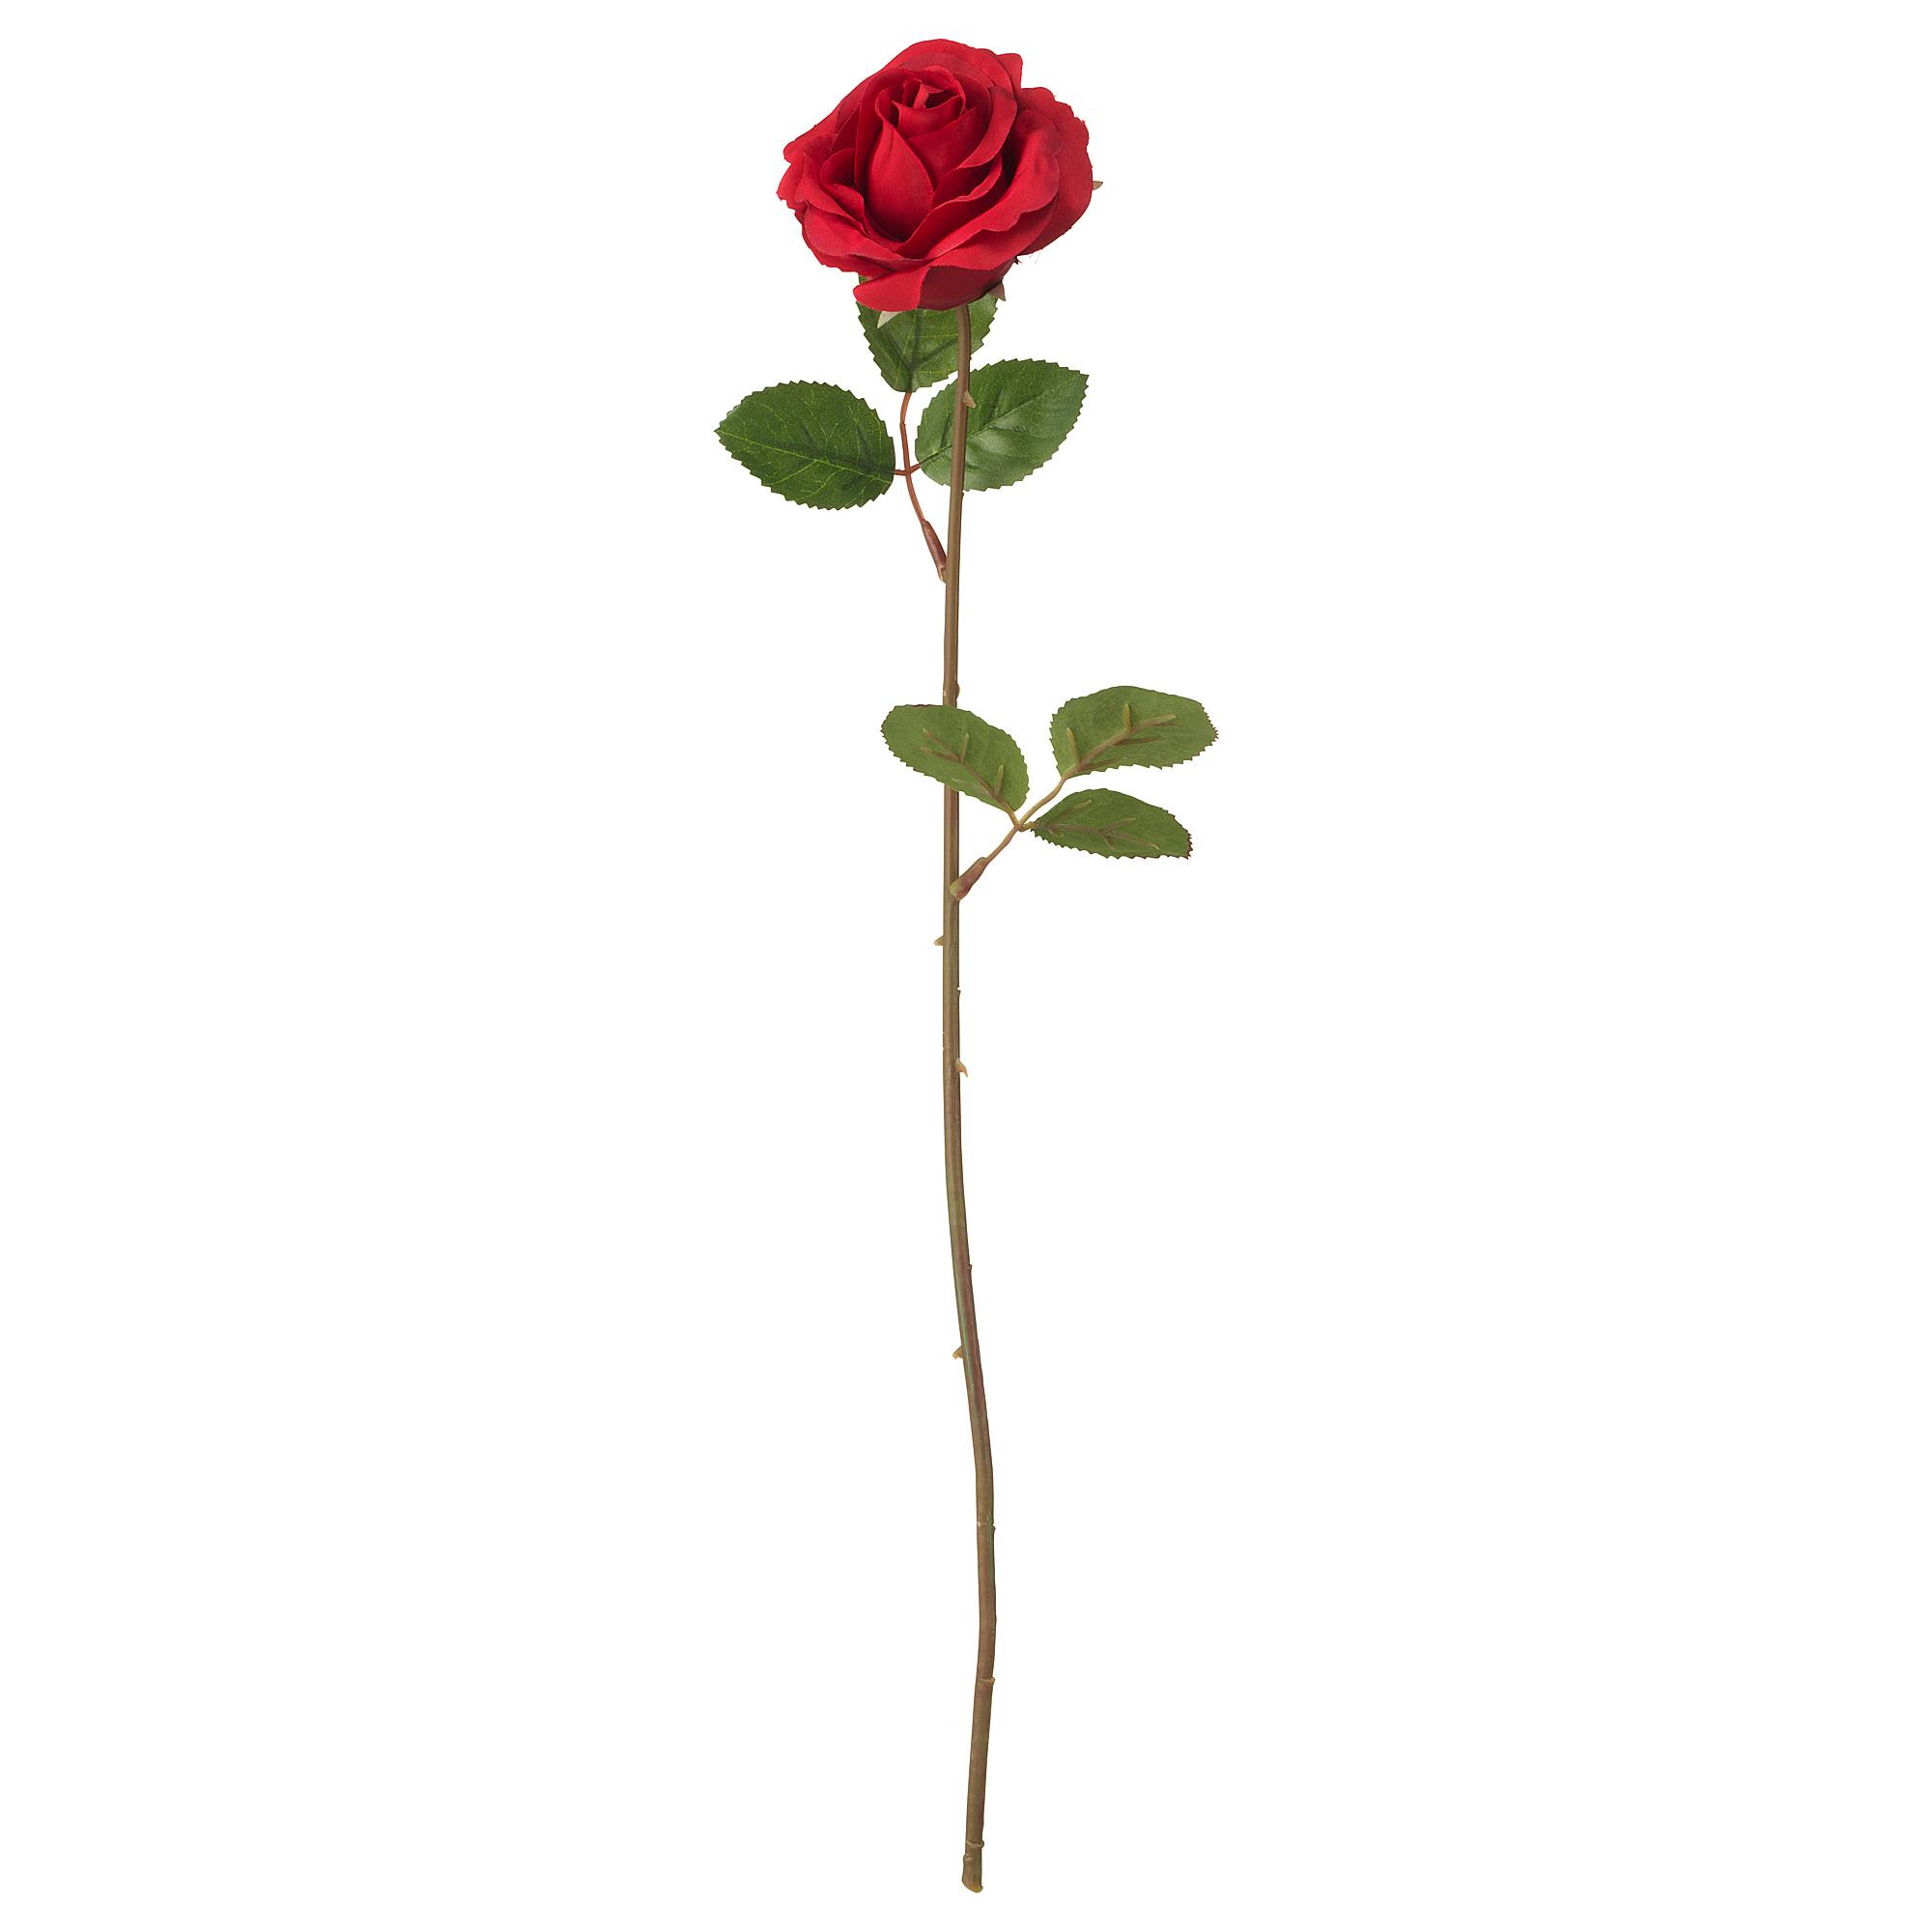 人造花, 迷你玫瑰, , 紅色, 另有玫瑰及其他顏色可選擇